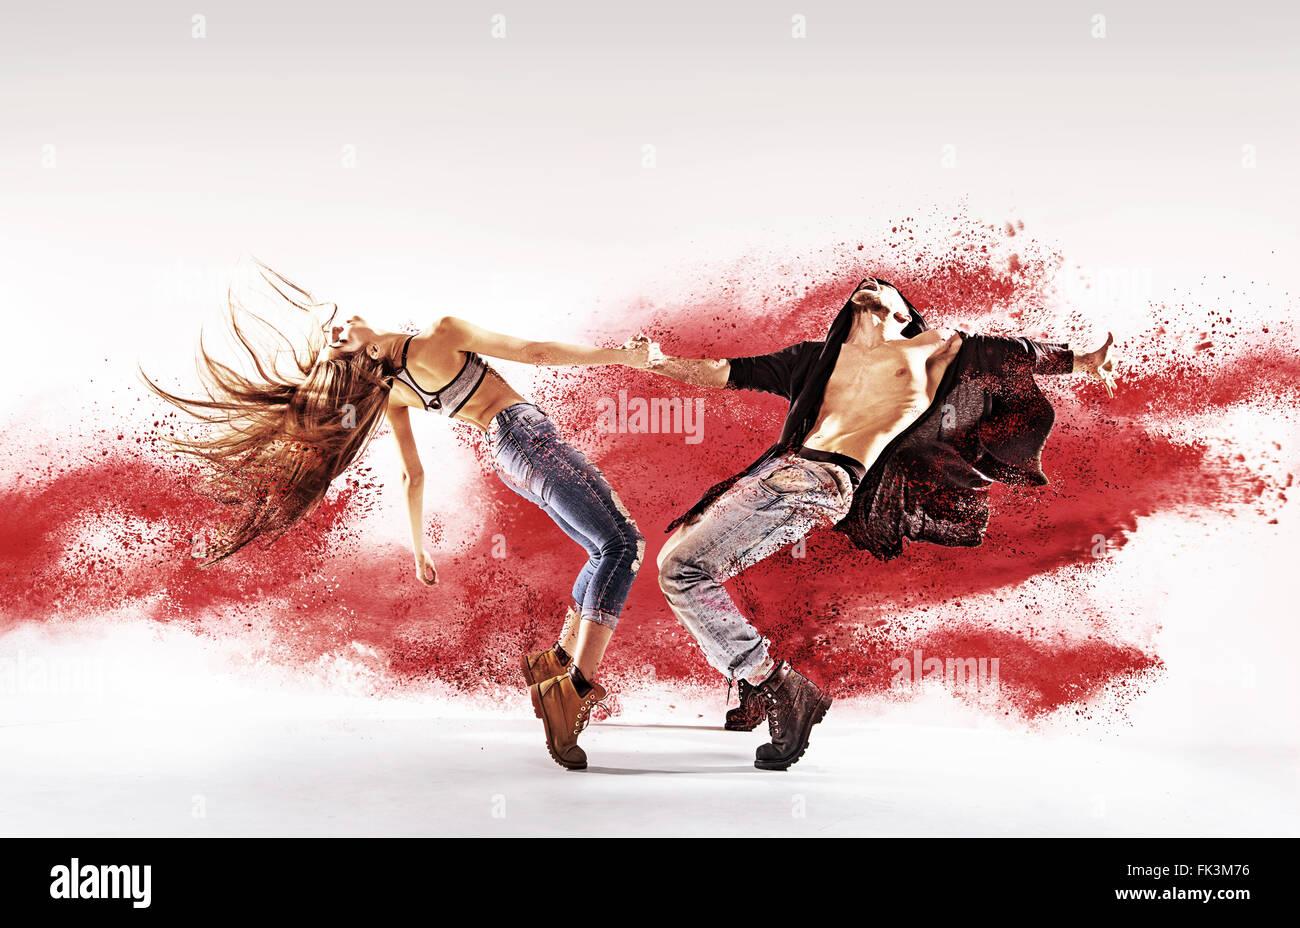 Talento di giovani danzatori spruzzando sabbia rossa Immagini Stock